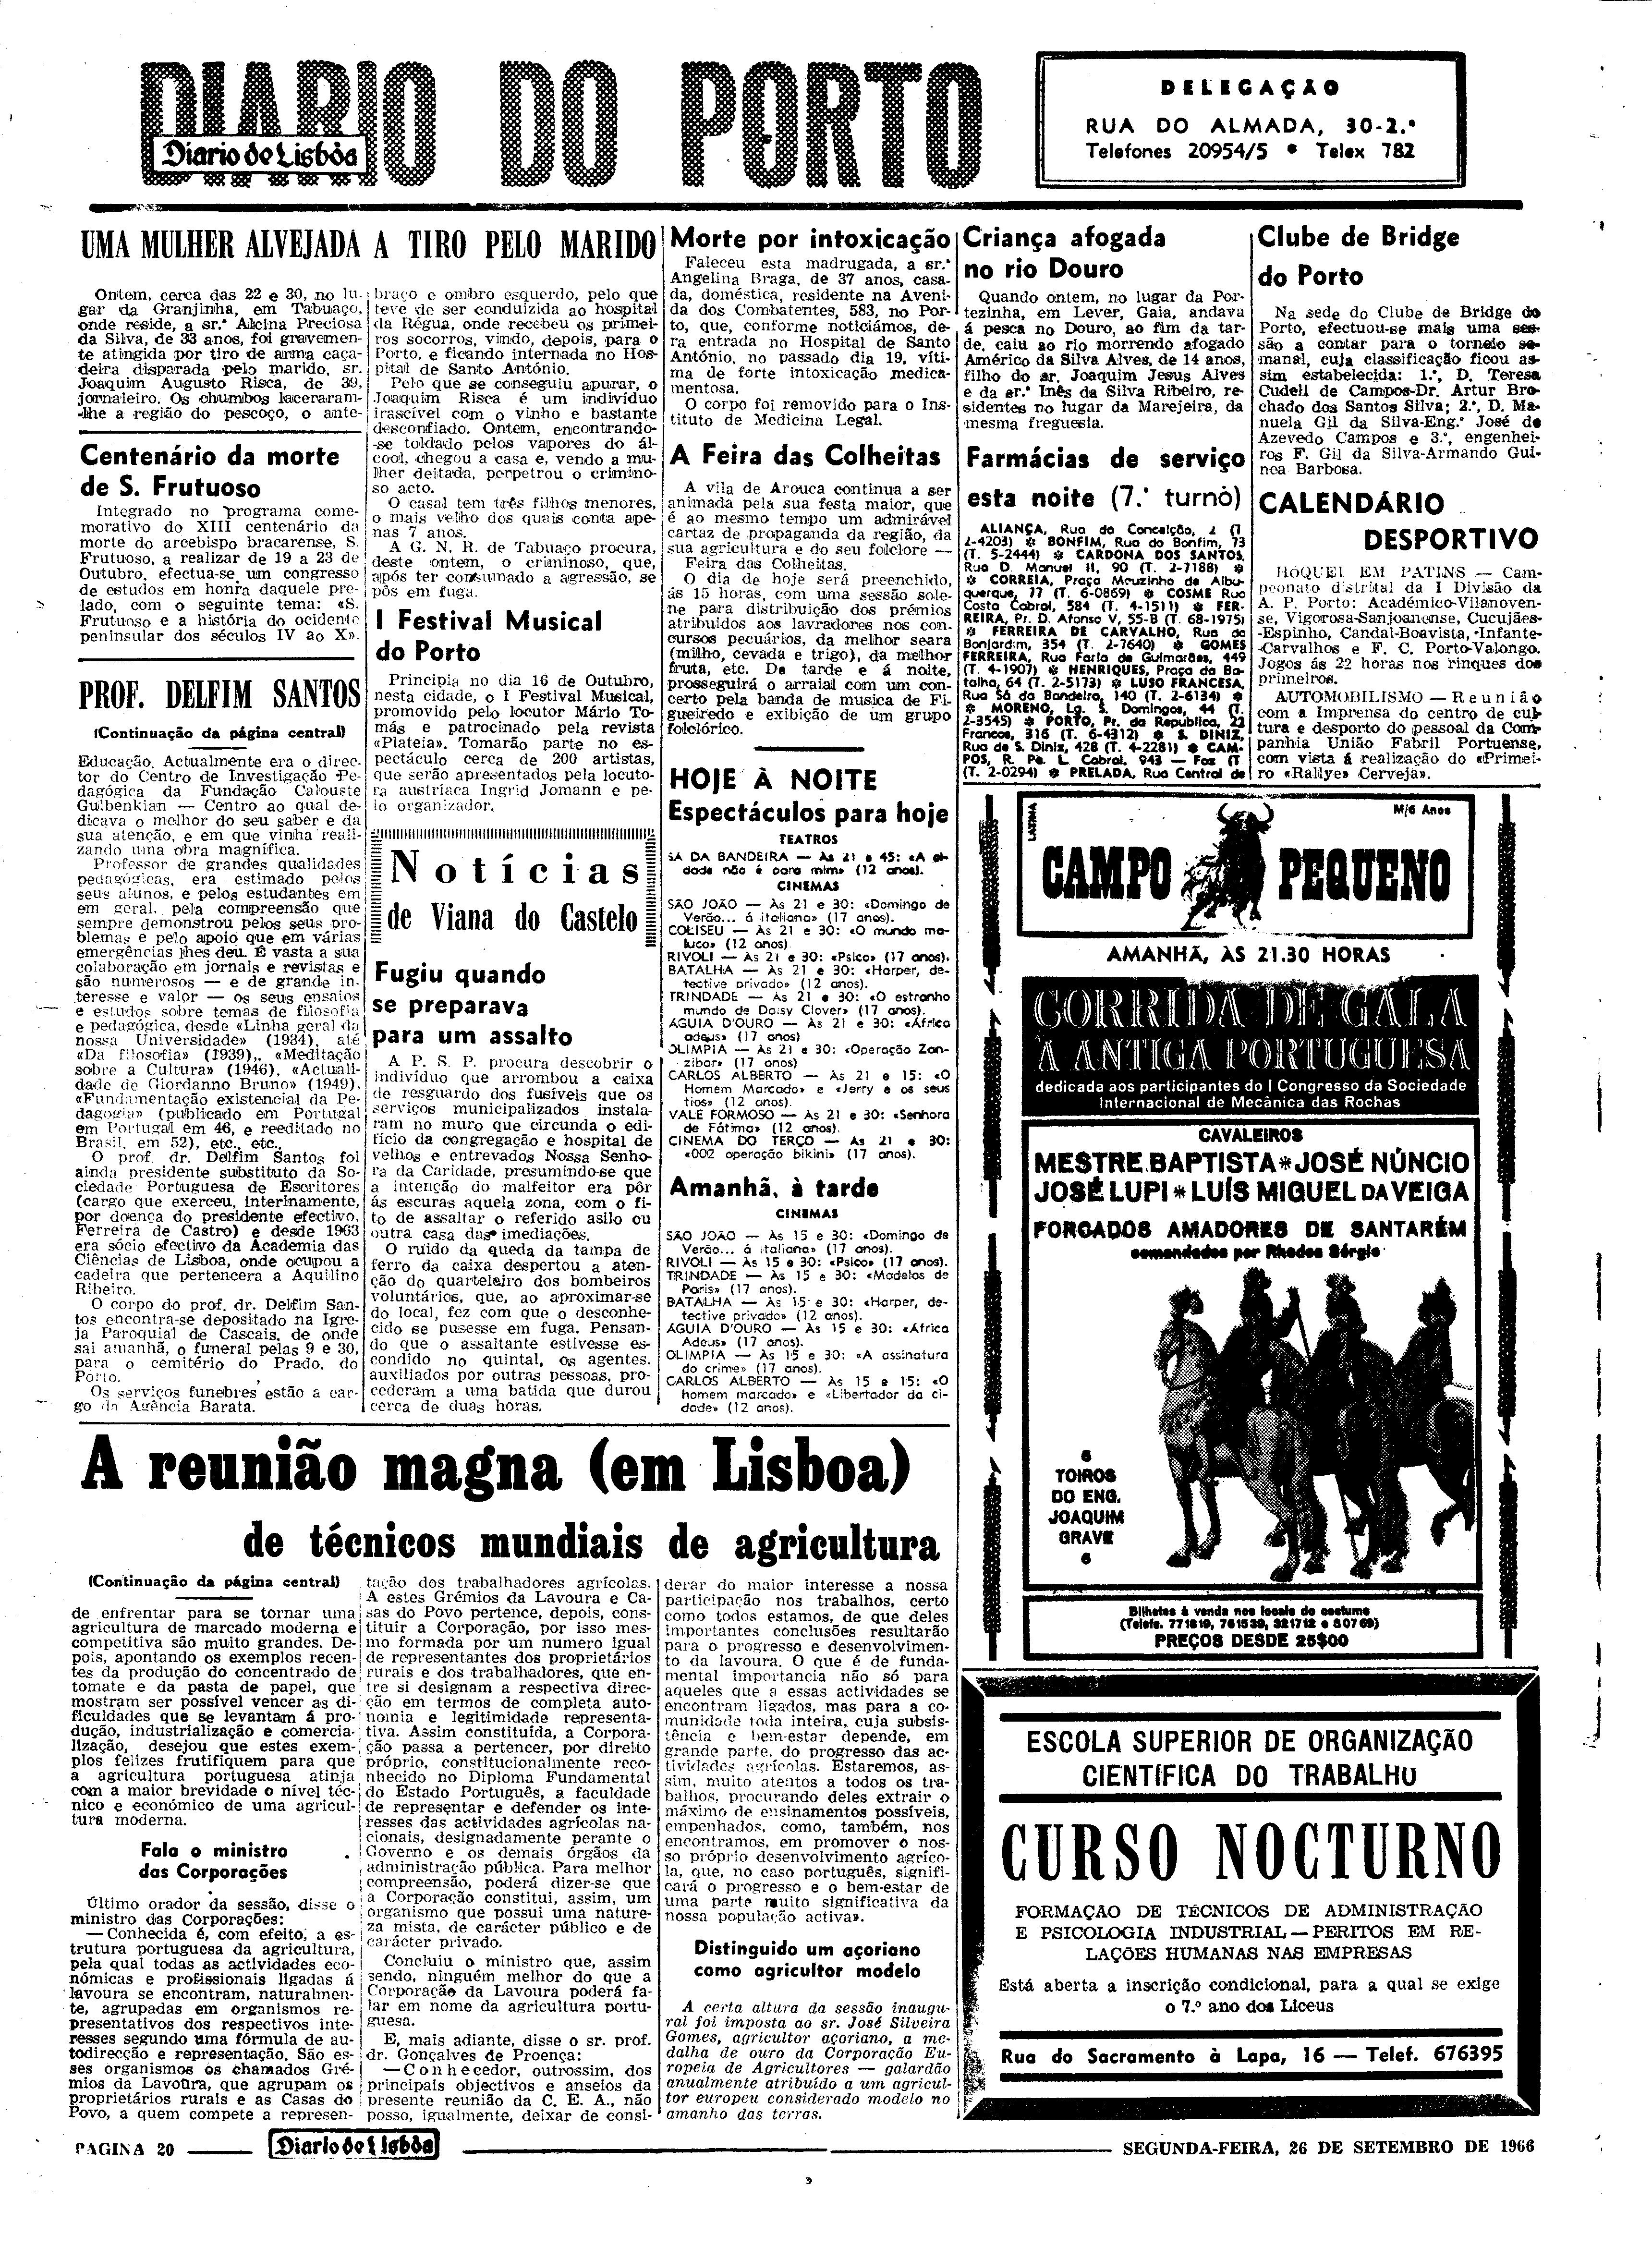 dlisboa-26-09-1966-p28